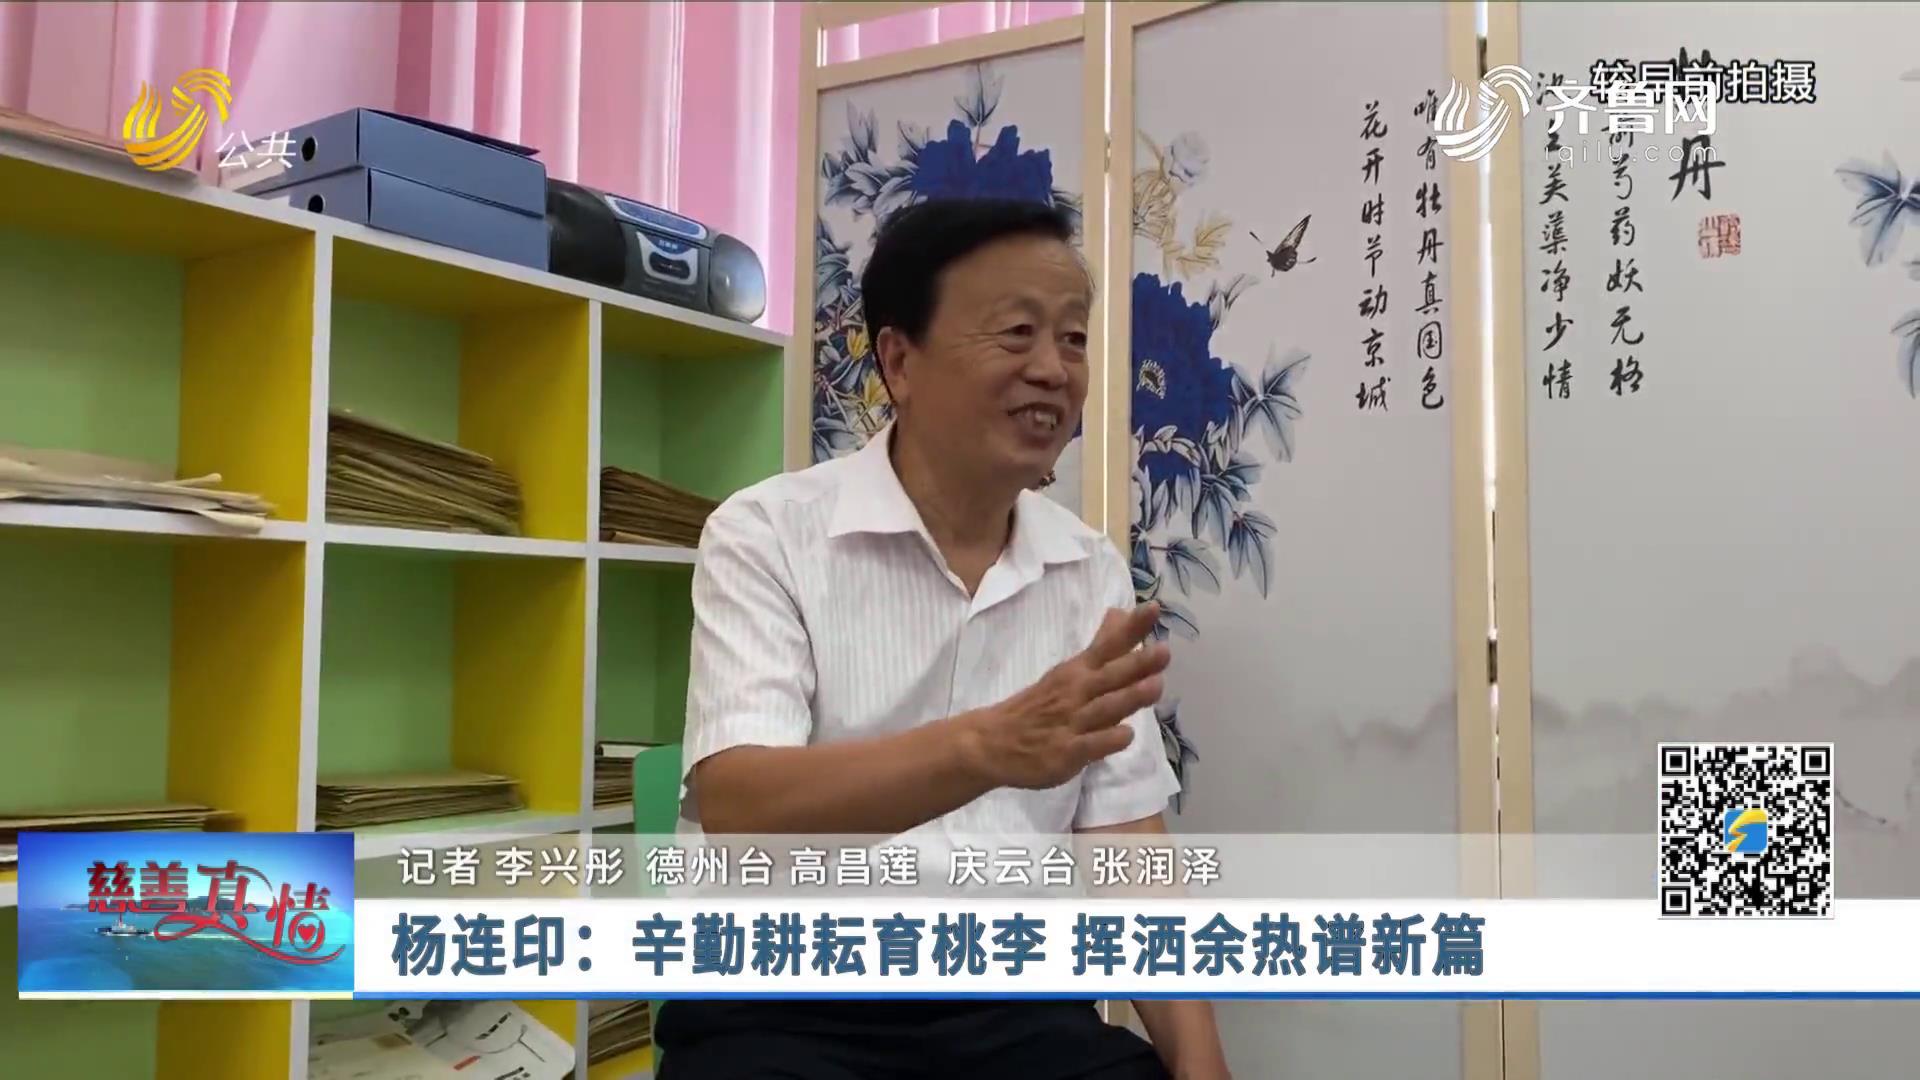 慈善真情:杨连印——辛勤耕耘育桃李 挥洒余热谱新篇